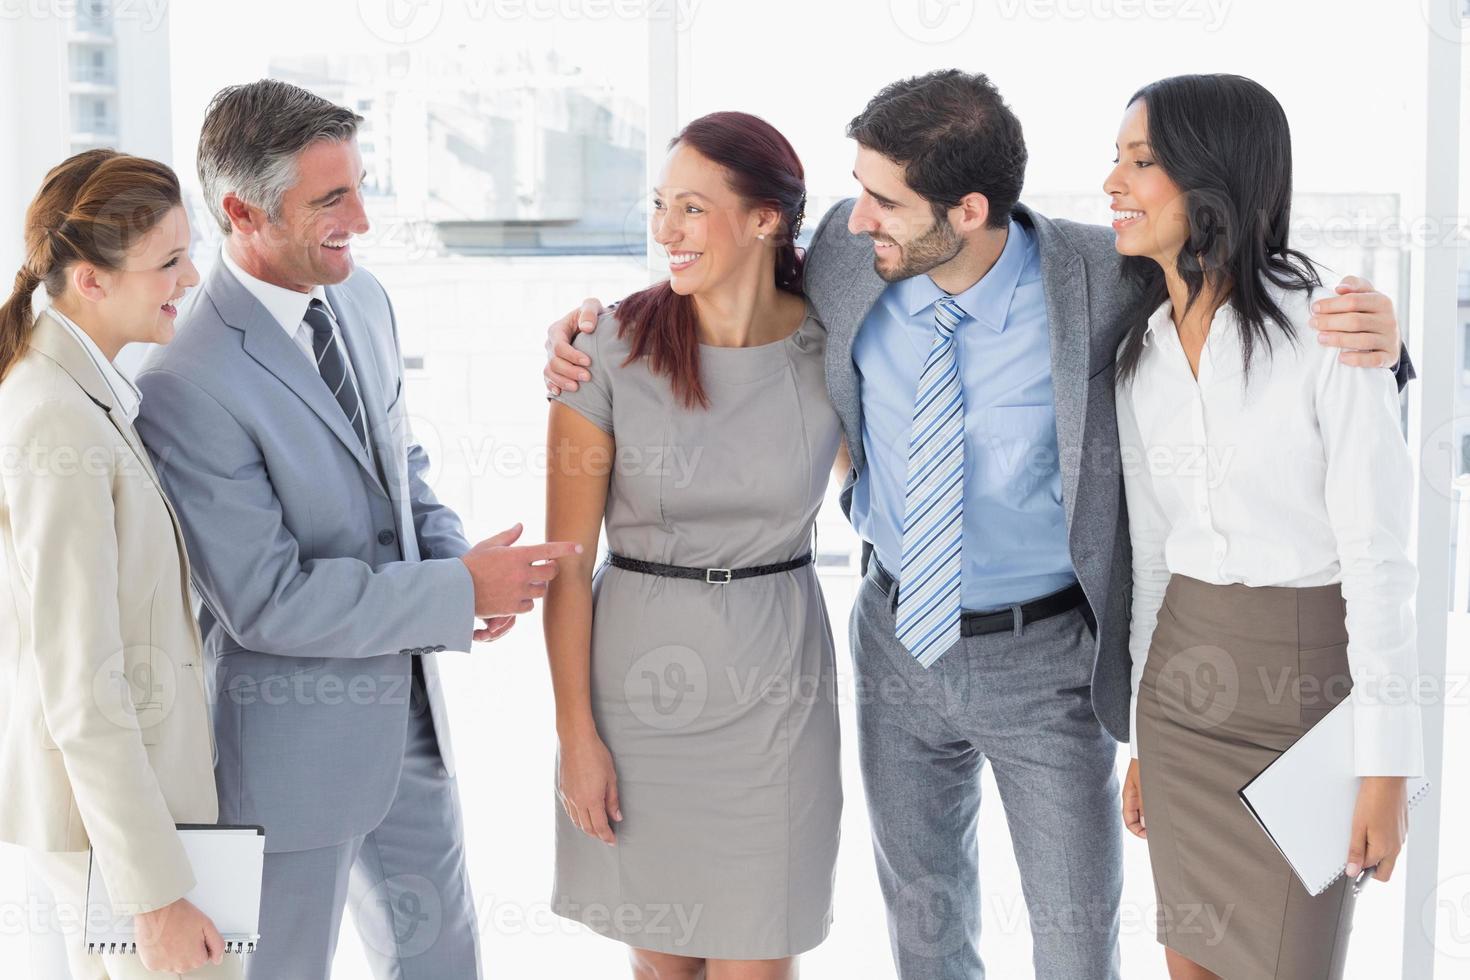 equipo de negocios charlando y sonriendo foto